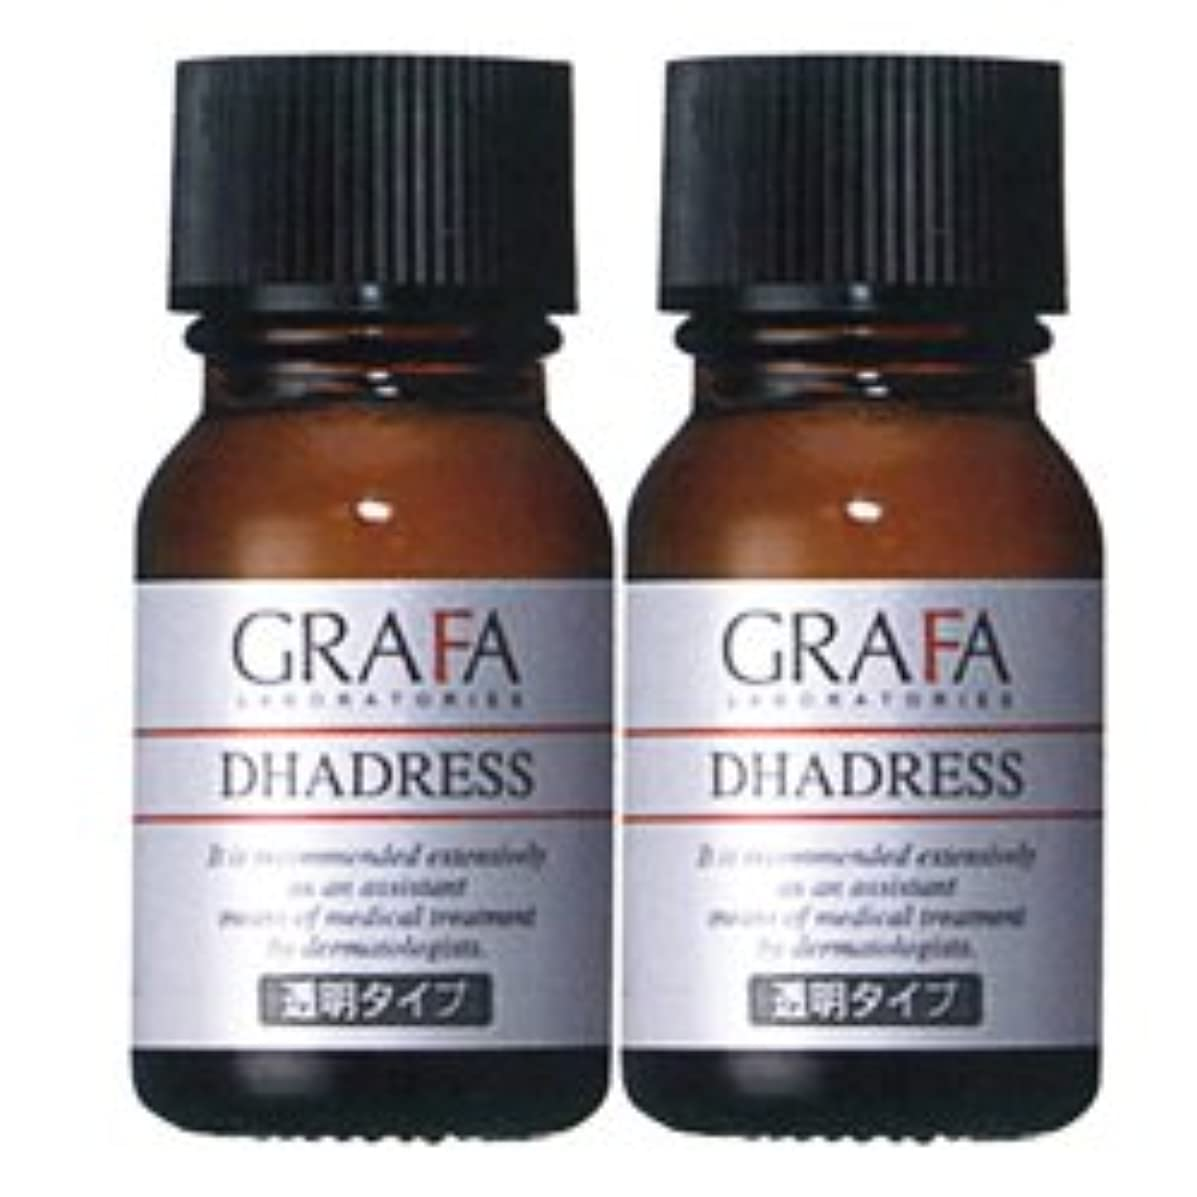 葉を集める不完全切手グラファ ダドレス (透明タイプ) 11mL 着色用化粧水 GRAFA DHADRESS